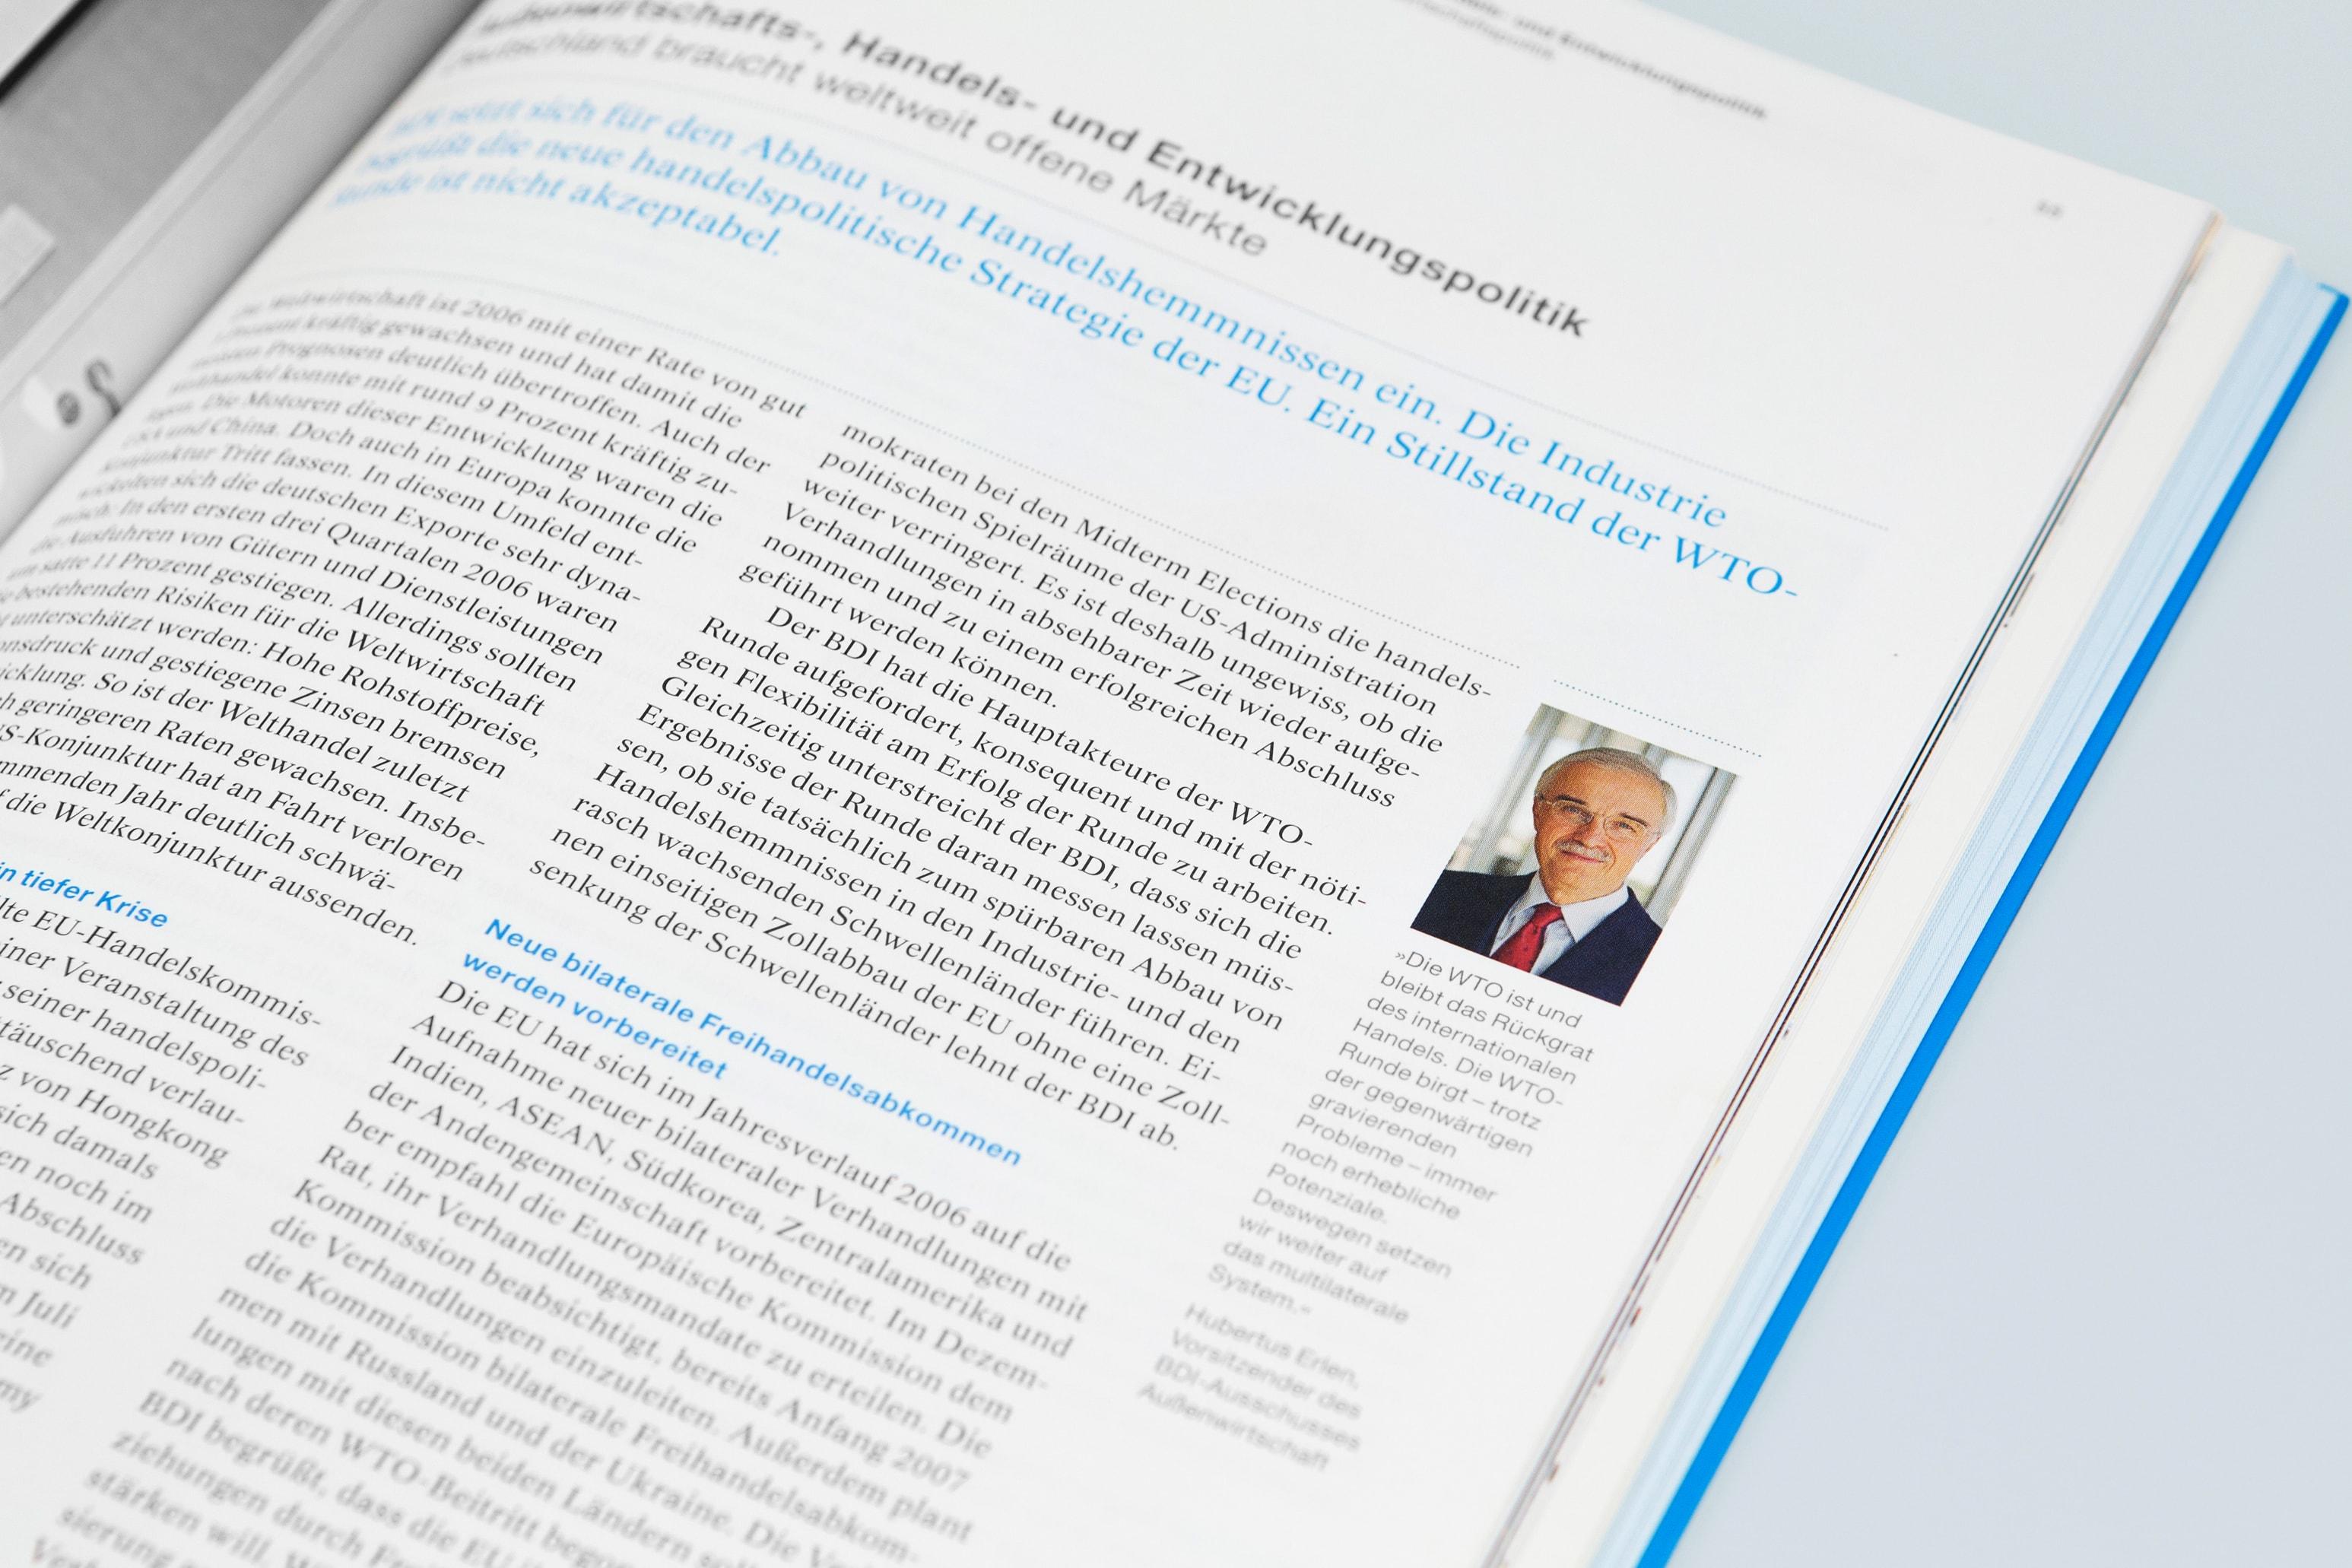 Bureau Johannes Erler – Bundesverband der Deutschen Industrie